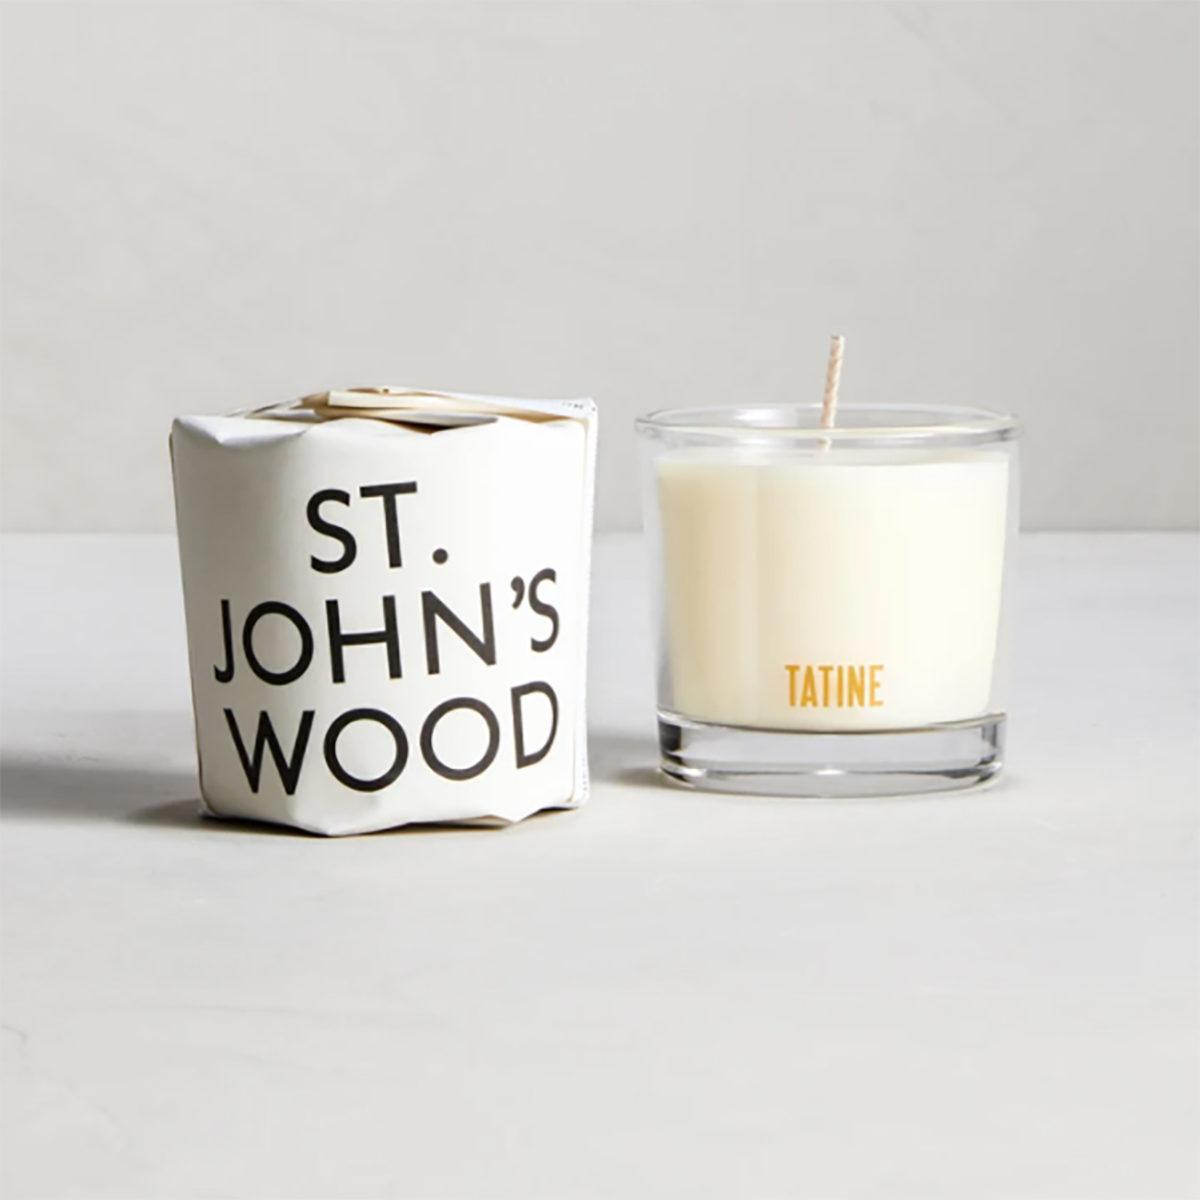 st-johns-wood-tisane